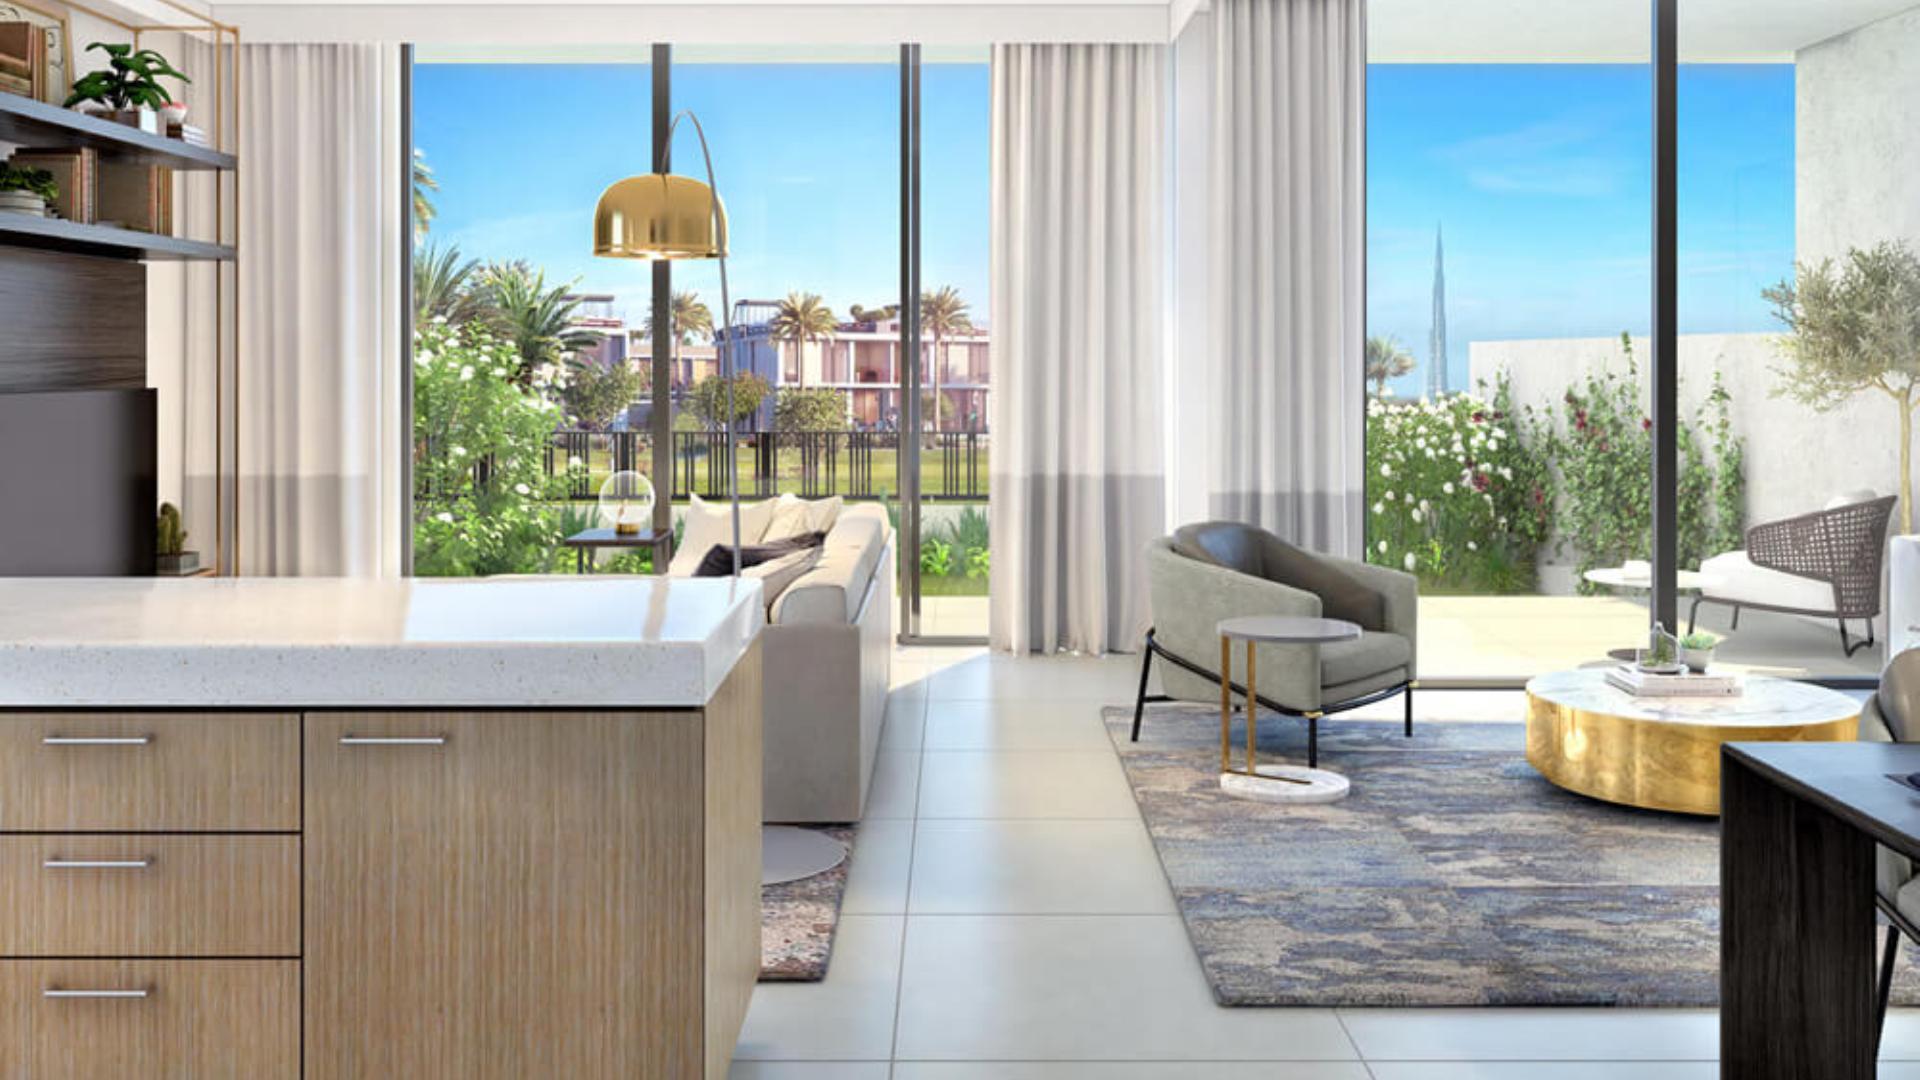 Adosado en venta en Dubai, EAU, 3 dormitorios, 211 m2, № 24137 – foto 3